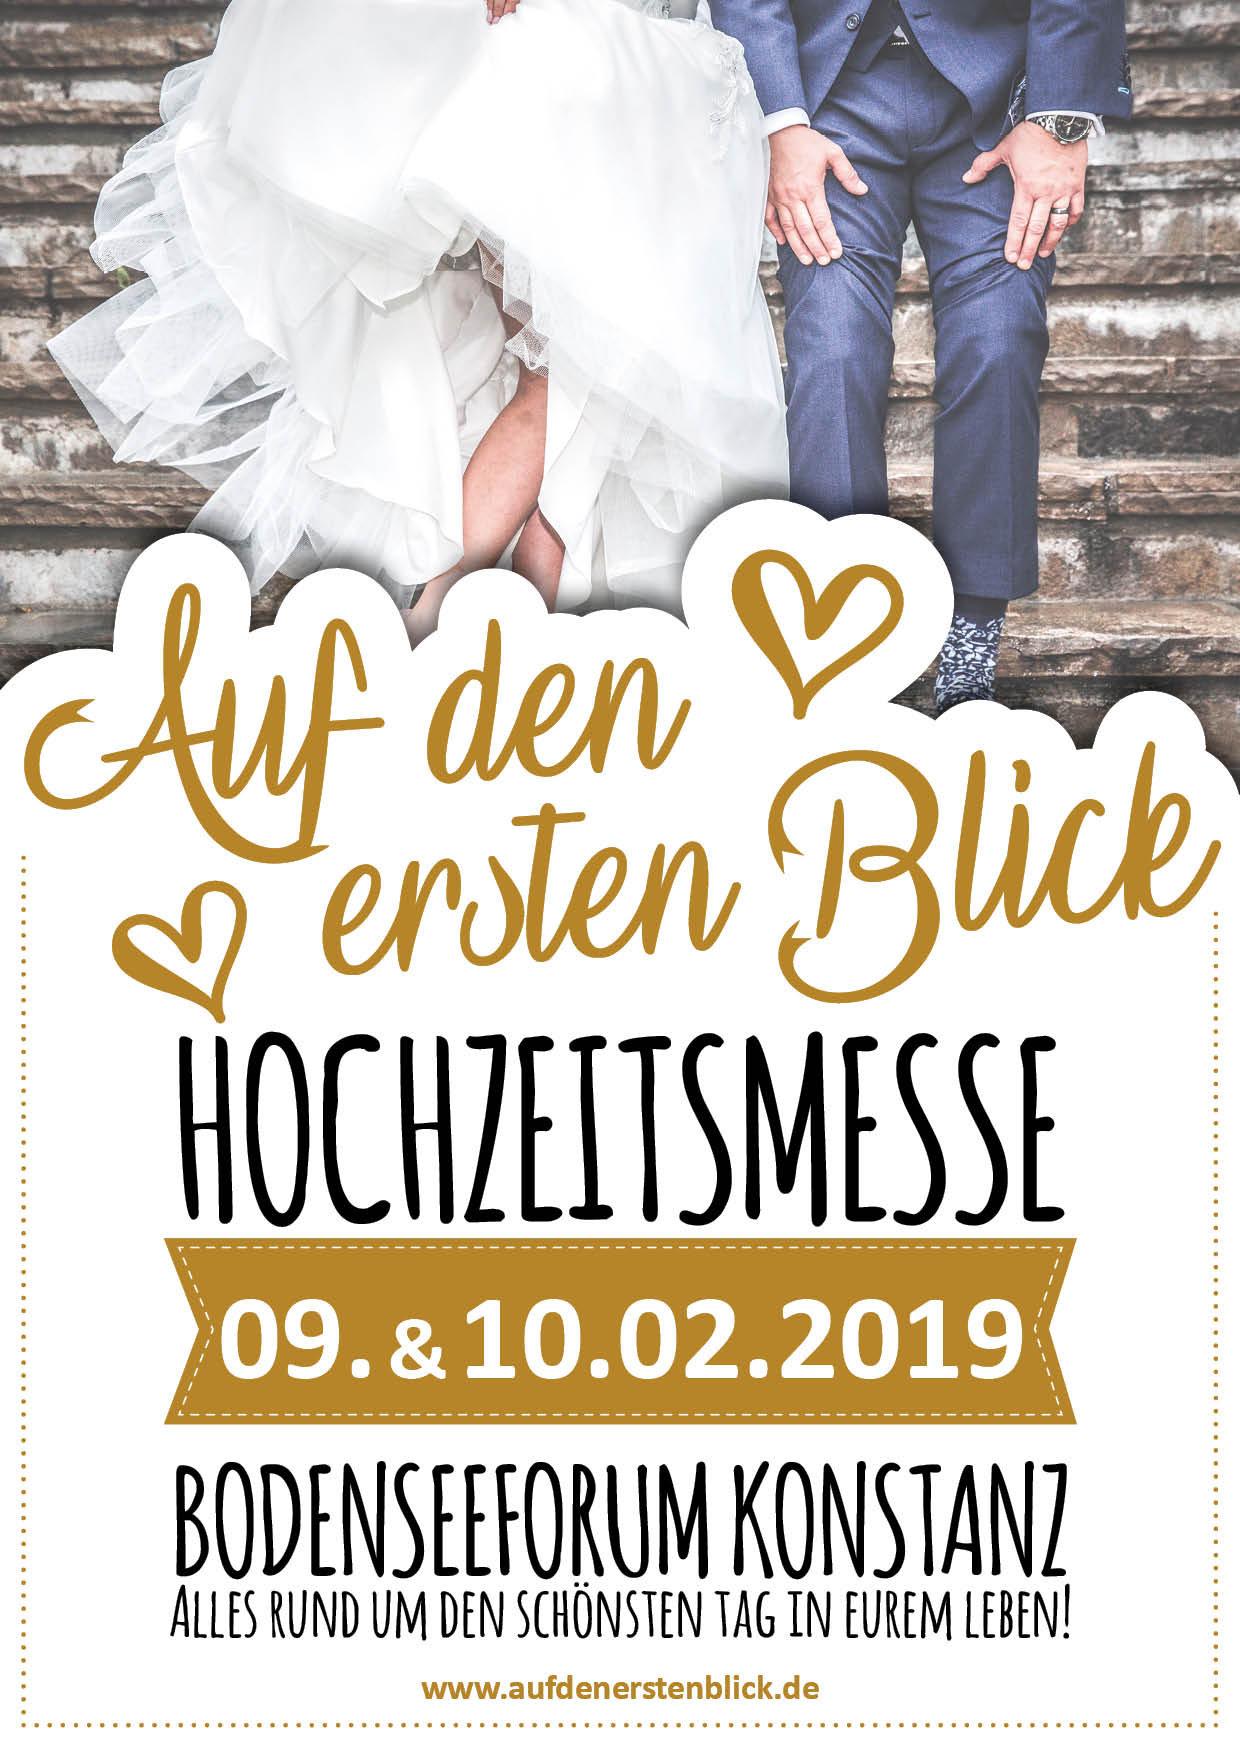 1. Hochzeitsmesse am Bodensee